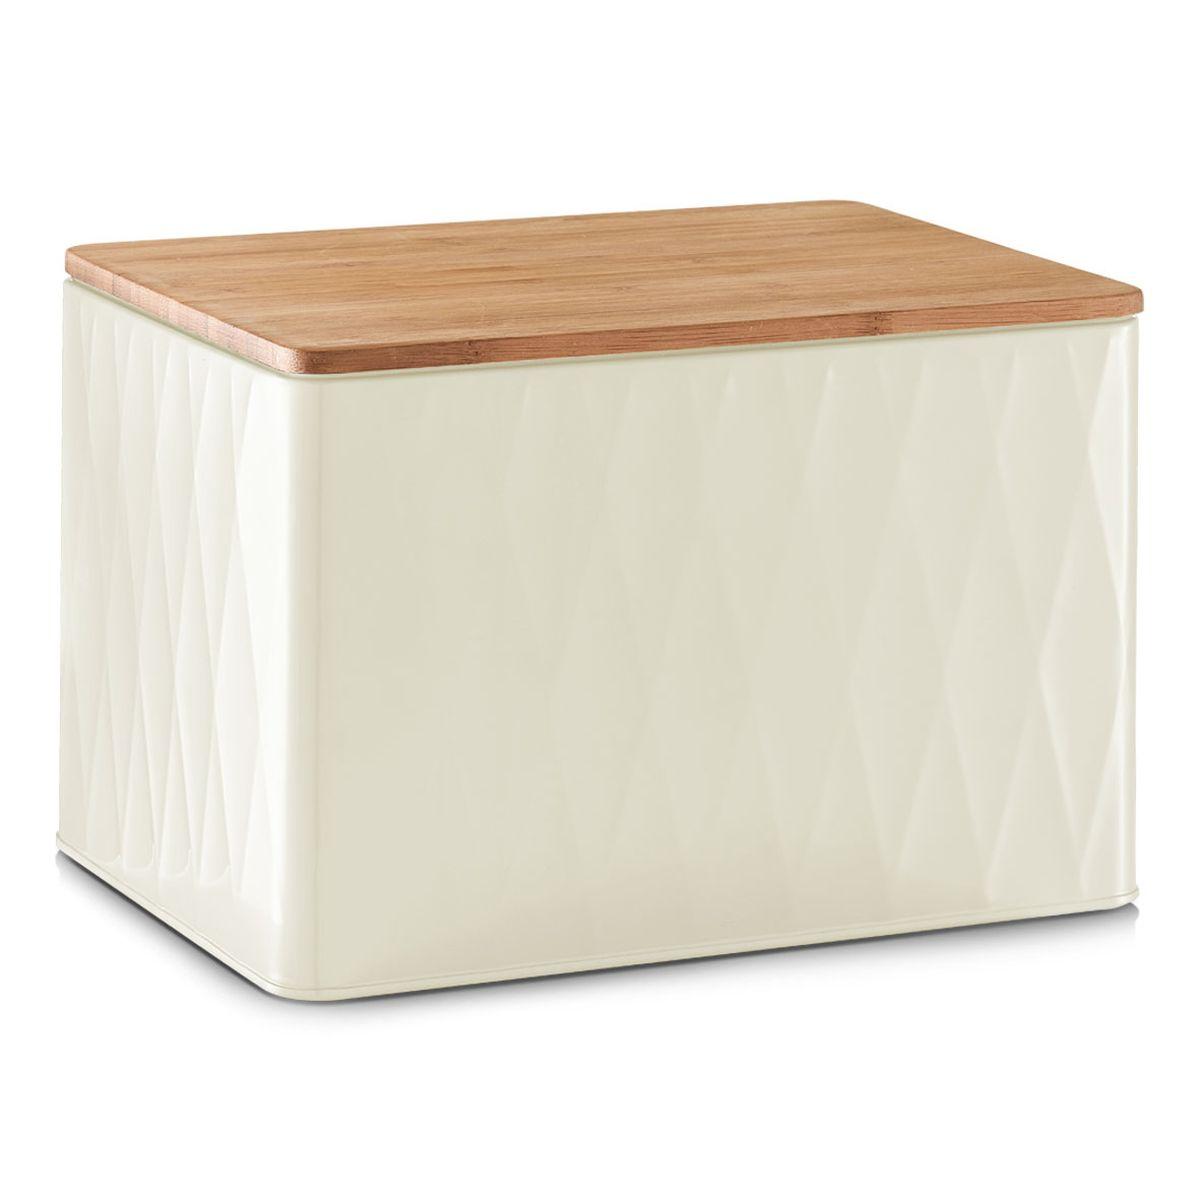 Хлебница Zeller, с разделочной доской, цвет: белый, светло-коричневый, 27,8 х 20,2 х 19 смVT-1520(SR)Хлебница Zeller представляет собой контейнер из металла с крышкой. Крышка выполнена из дерева, которая также служит разделочной доской. Такая хлебница позволит сохранить ваш хлеб свежим и вкусным.